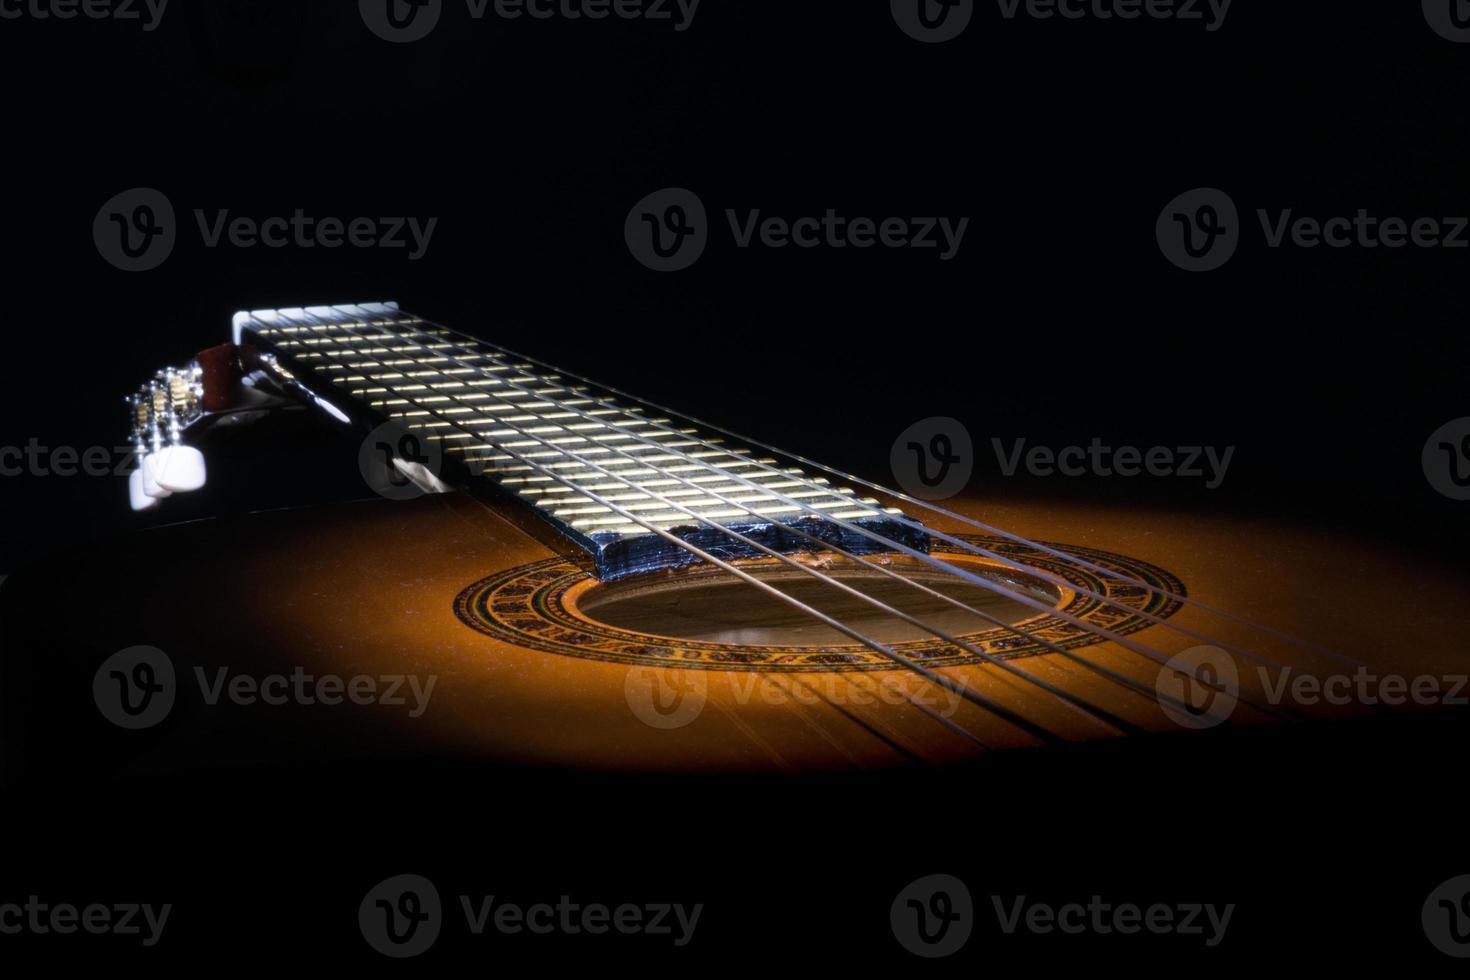 Vue inhabituelle d'une guitare acoustique éclairée et brillante dans l'obscurité photo